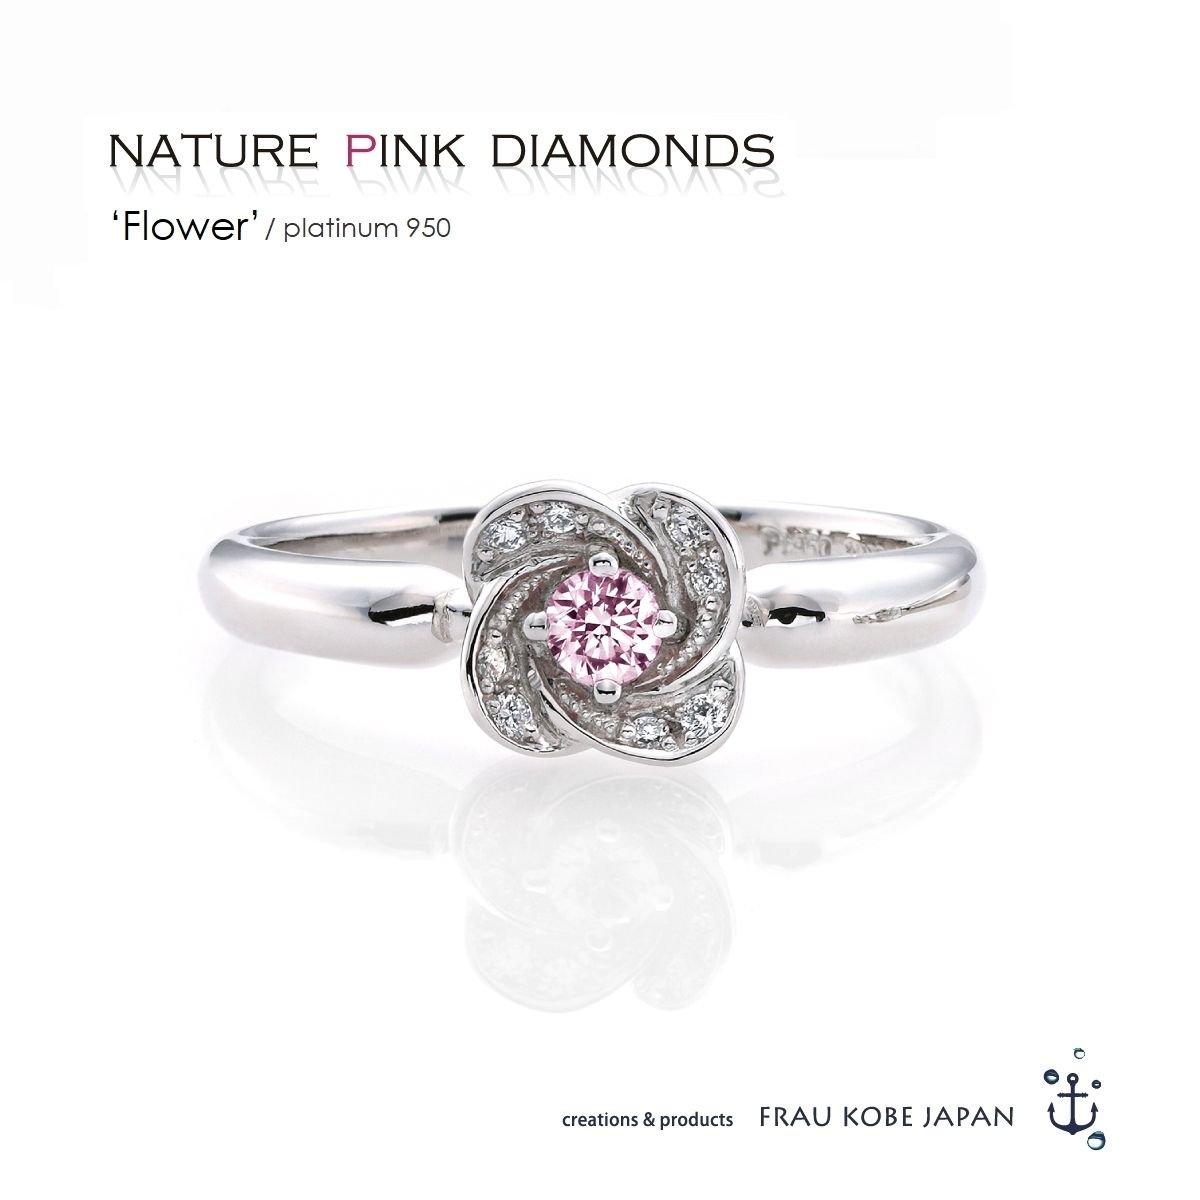 【1点限定】Nature/PINK DIAMONDS 'FLOWER' ダイアモンドリング